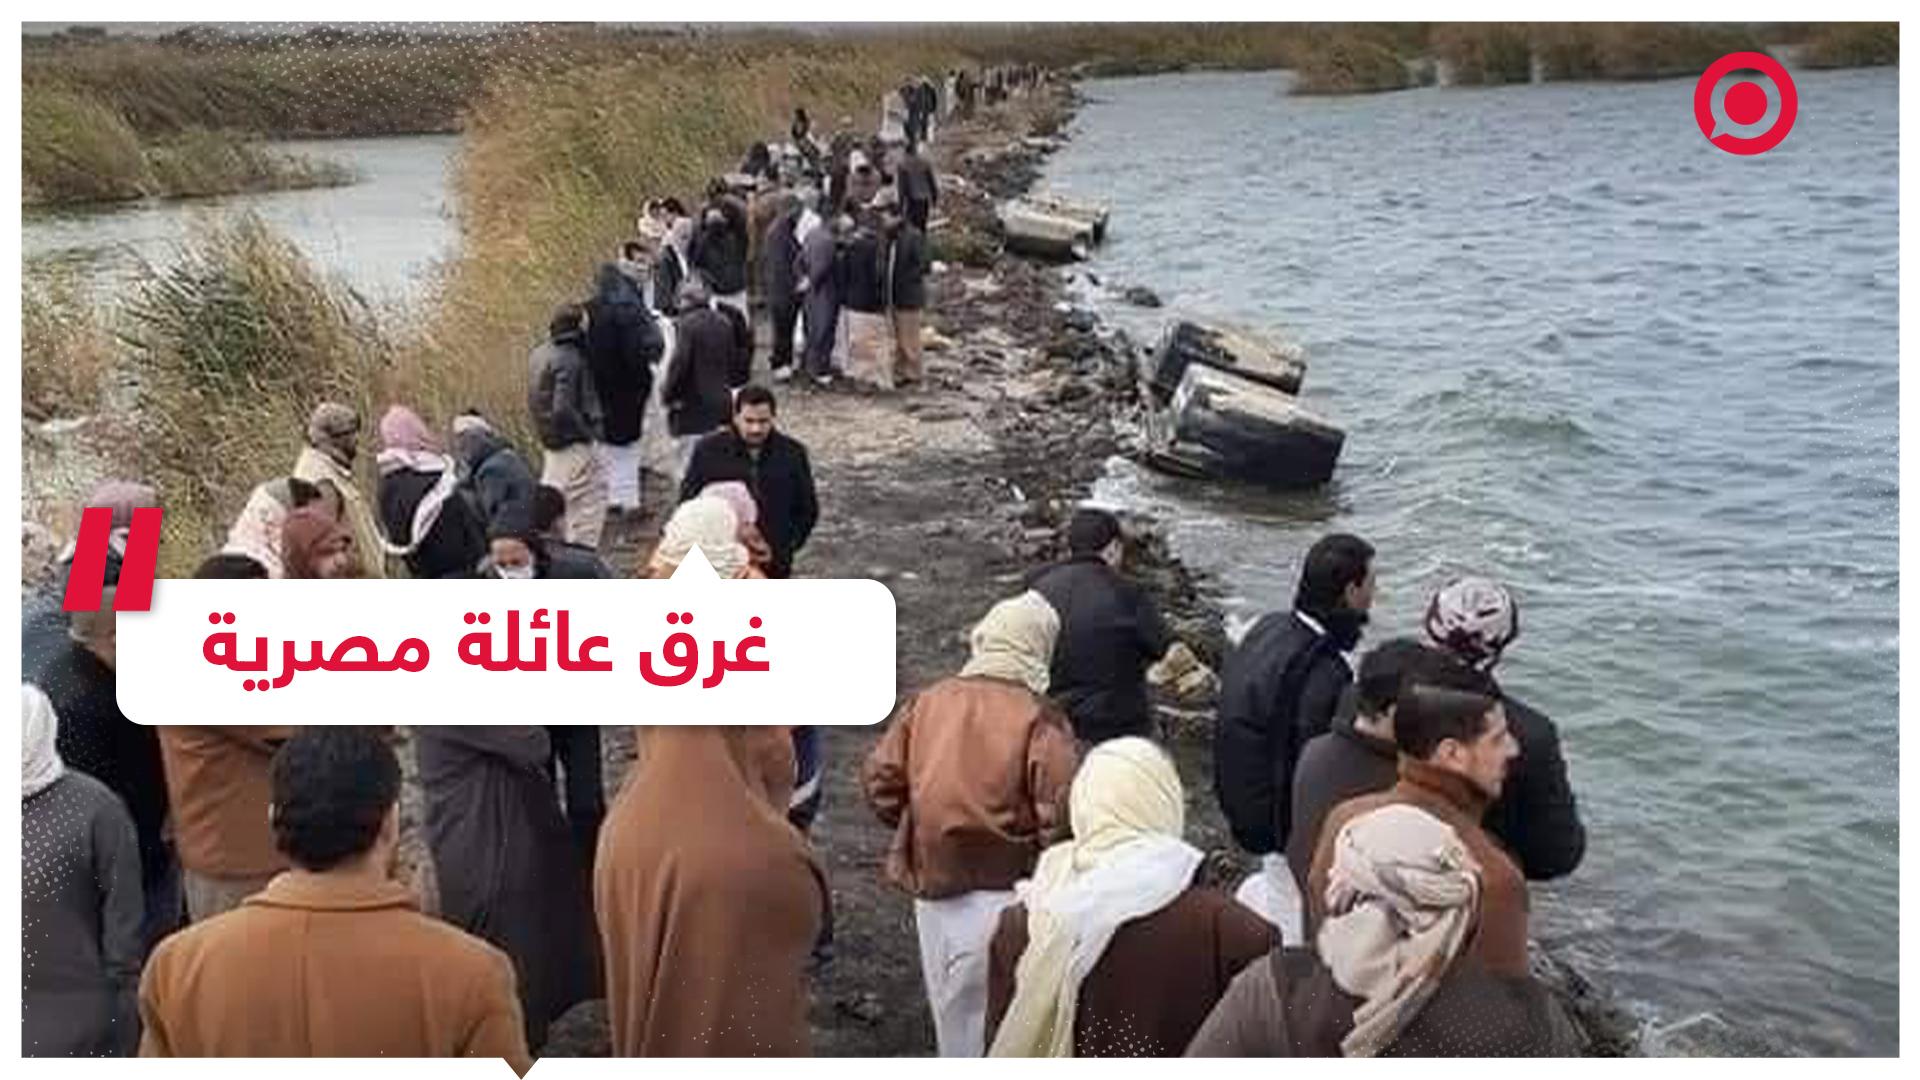 غرق 13 شخصا من عائلة واحدة في مصر